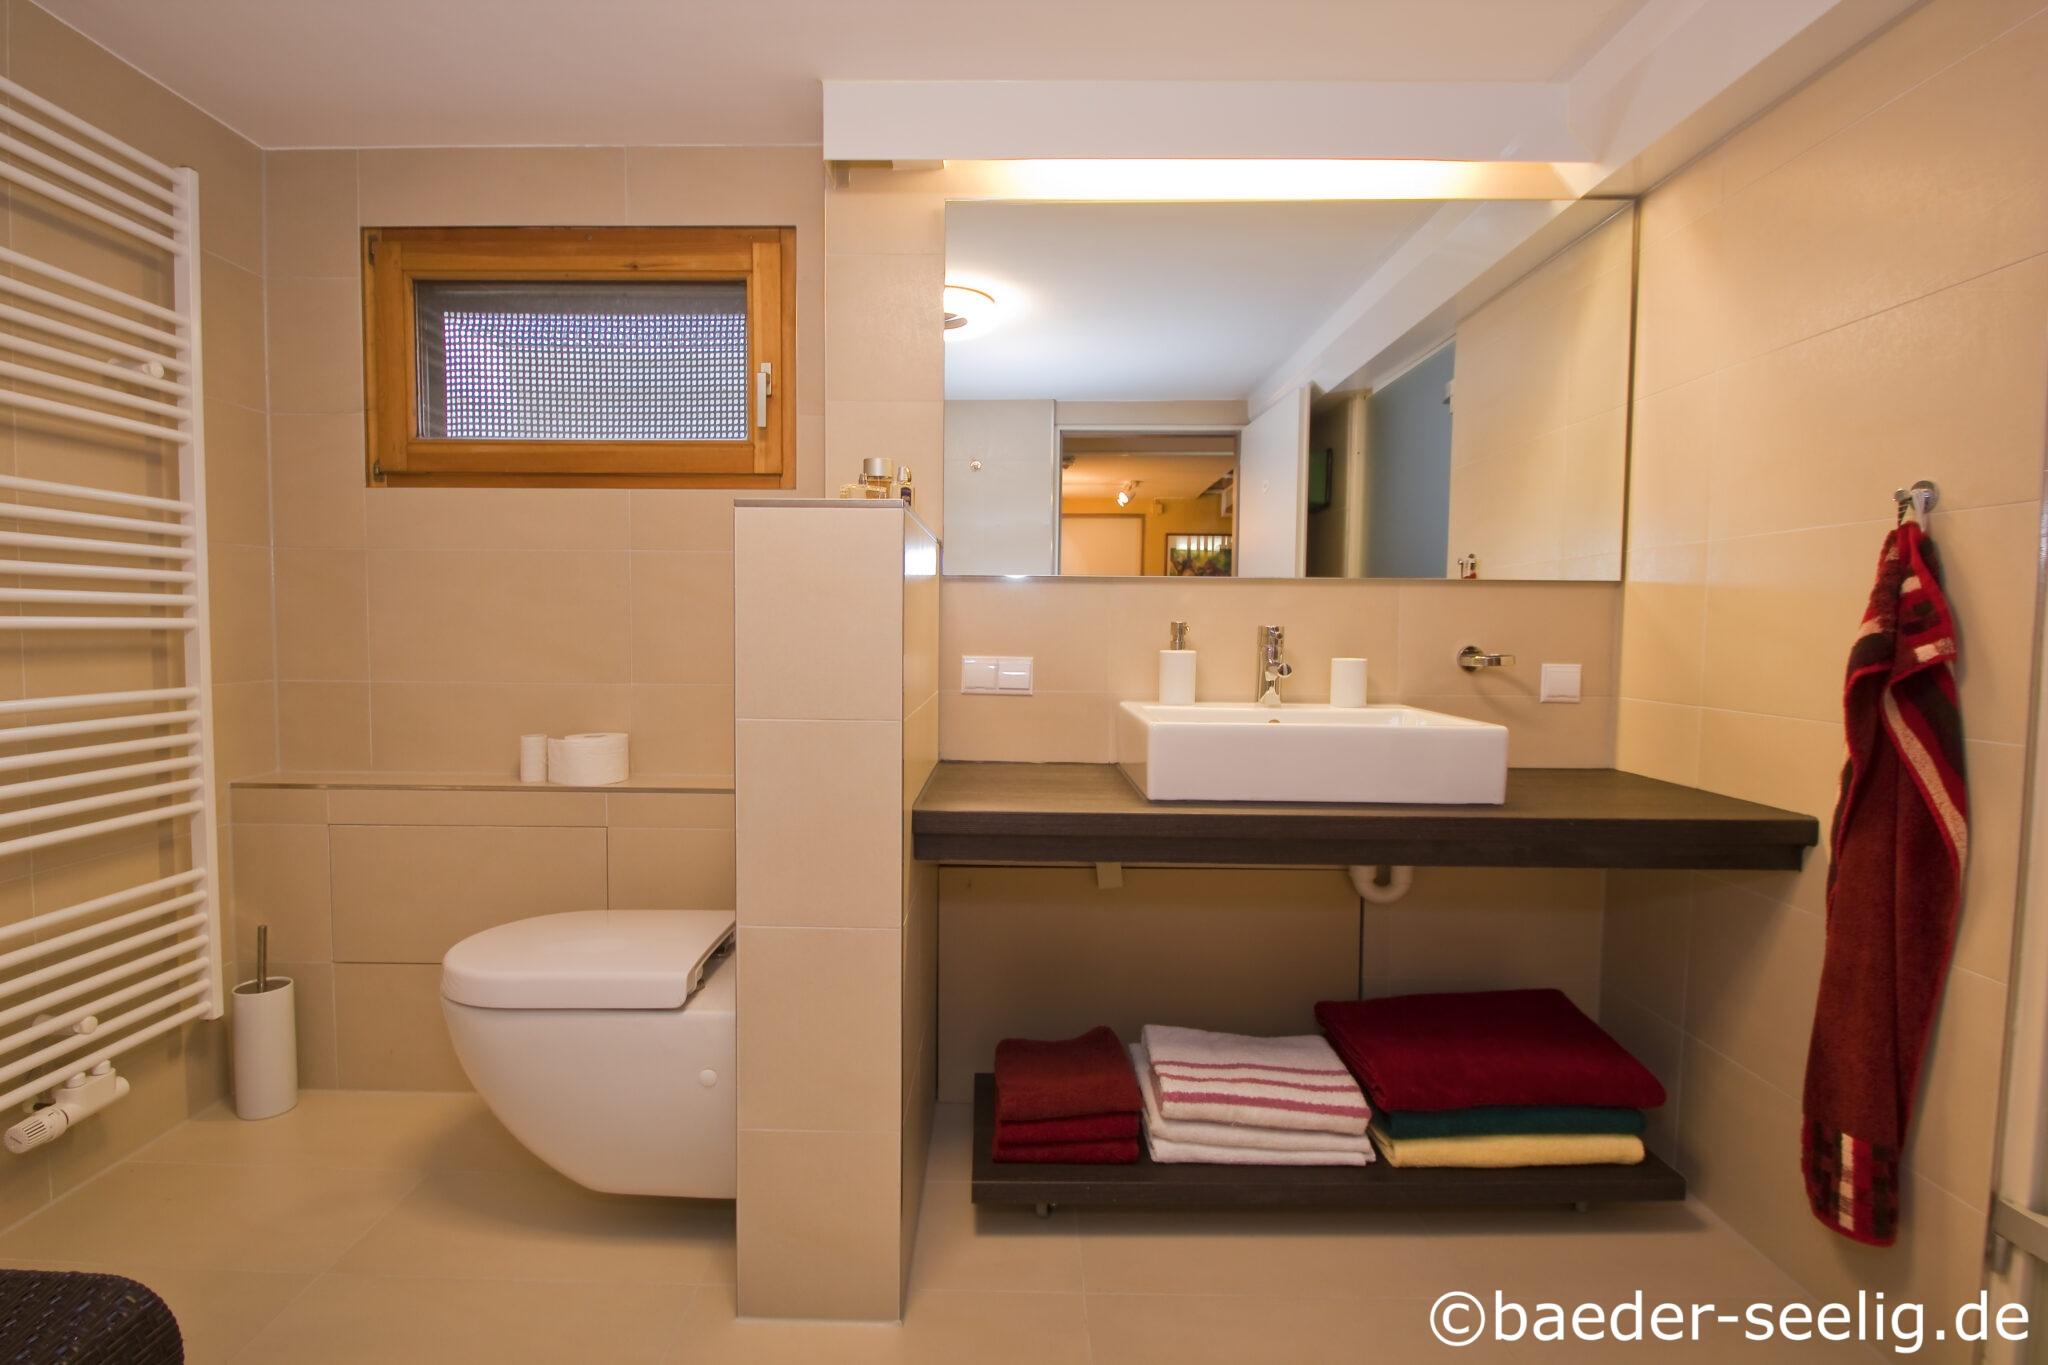 Badrenovierung kleine und große Badezimmer 20  200 qm BÄDER SEELIG